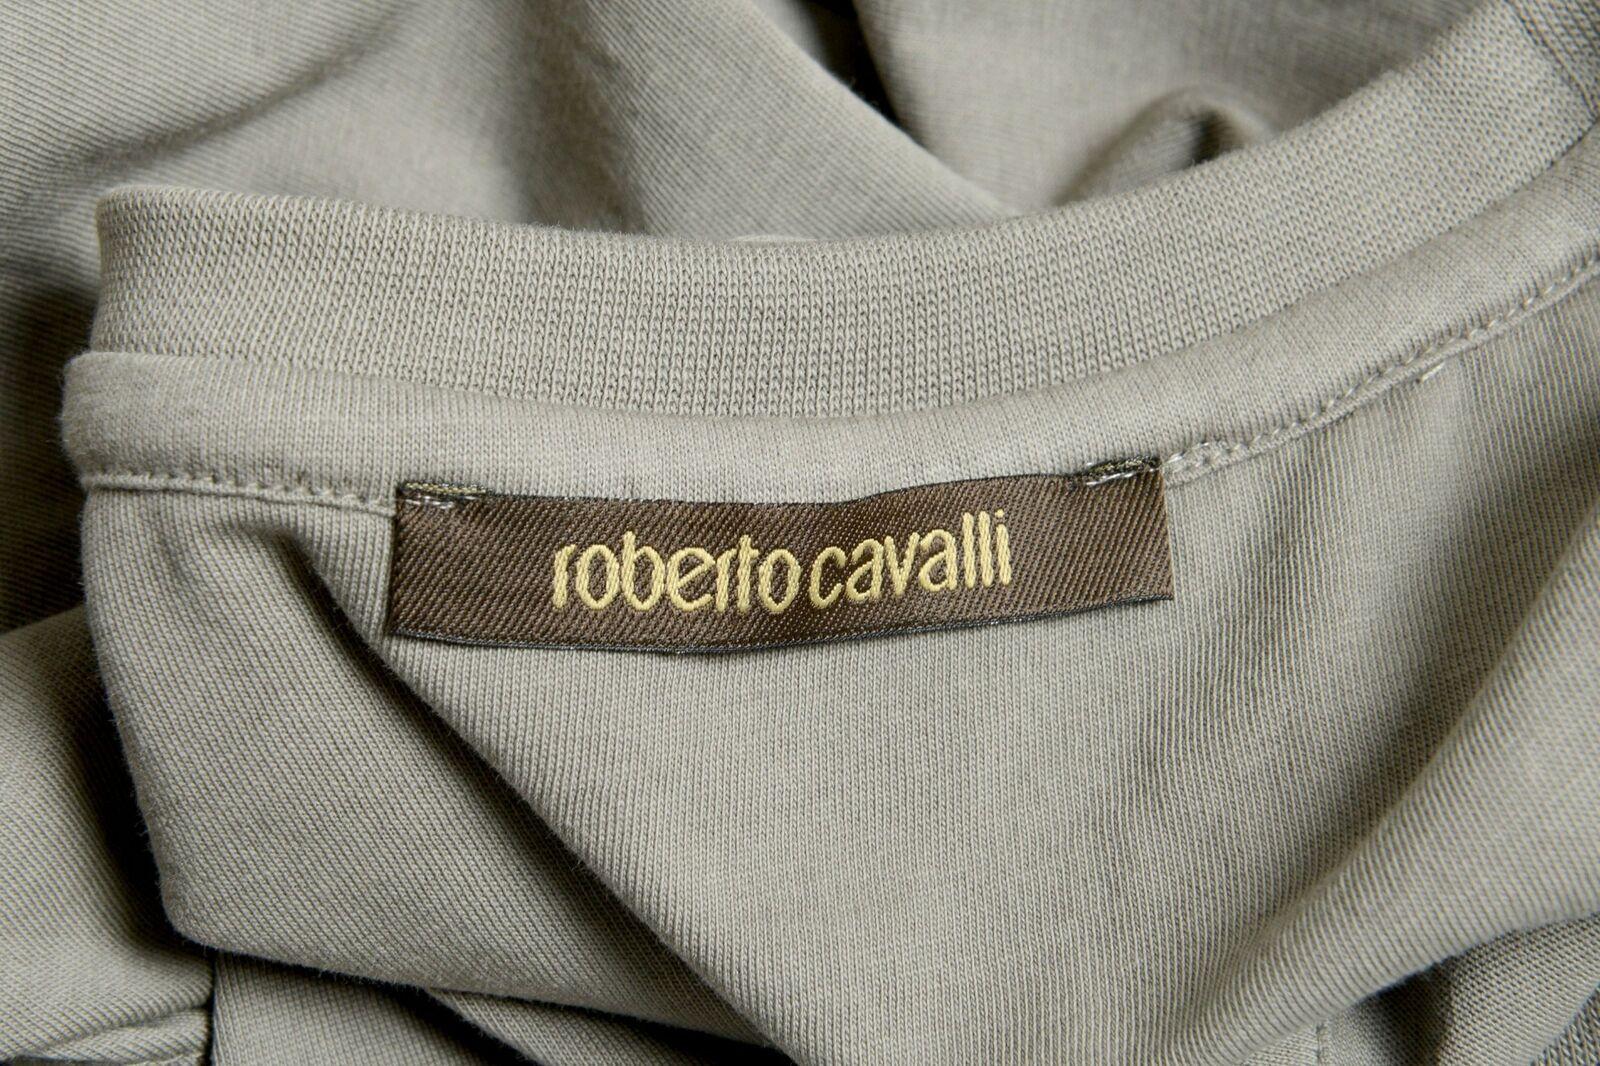 Roberto Cavalli Uomo Grigio Illustrato Maculato Girocollo T-Shirt TAGLIA TAGLIA TAGLIA S M XL e44ef1